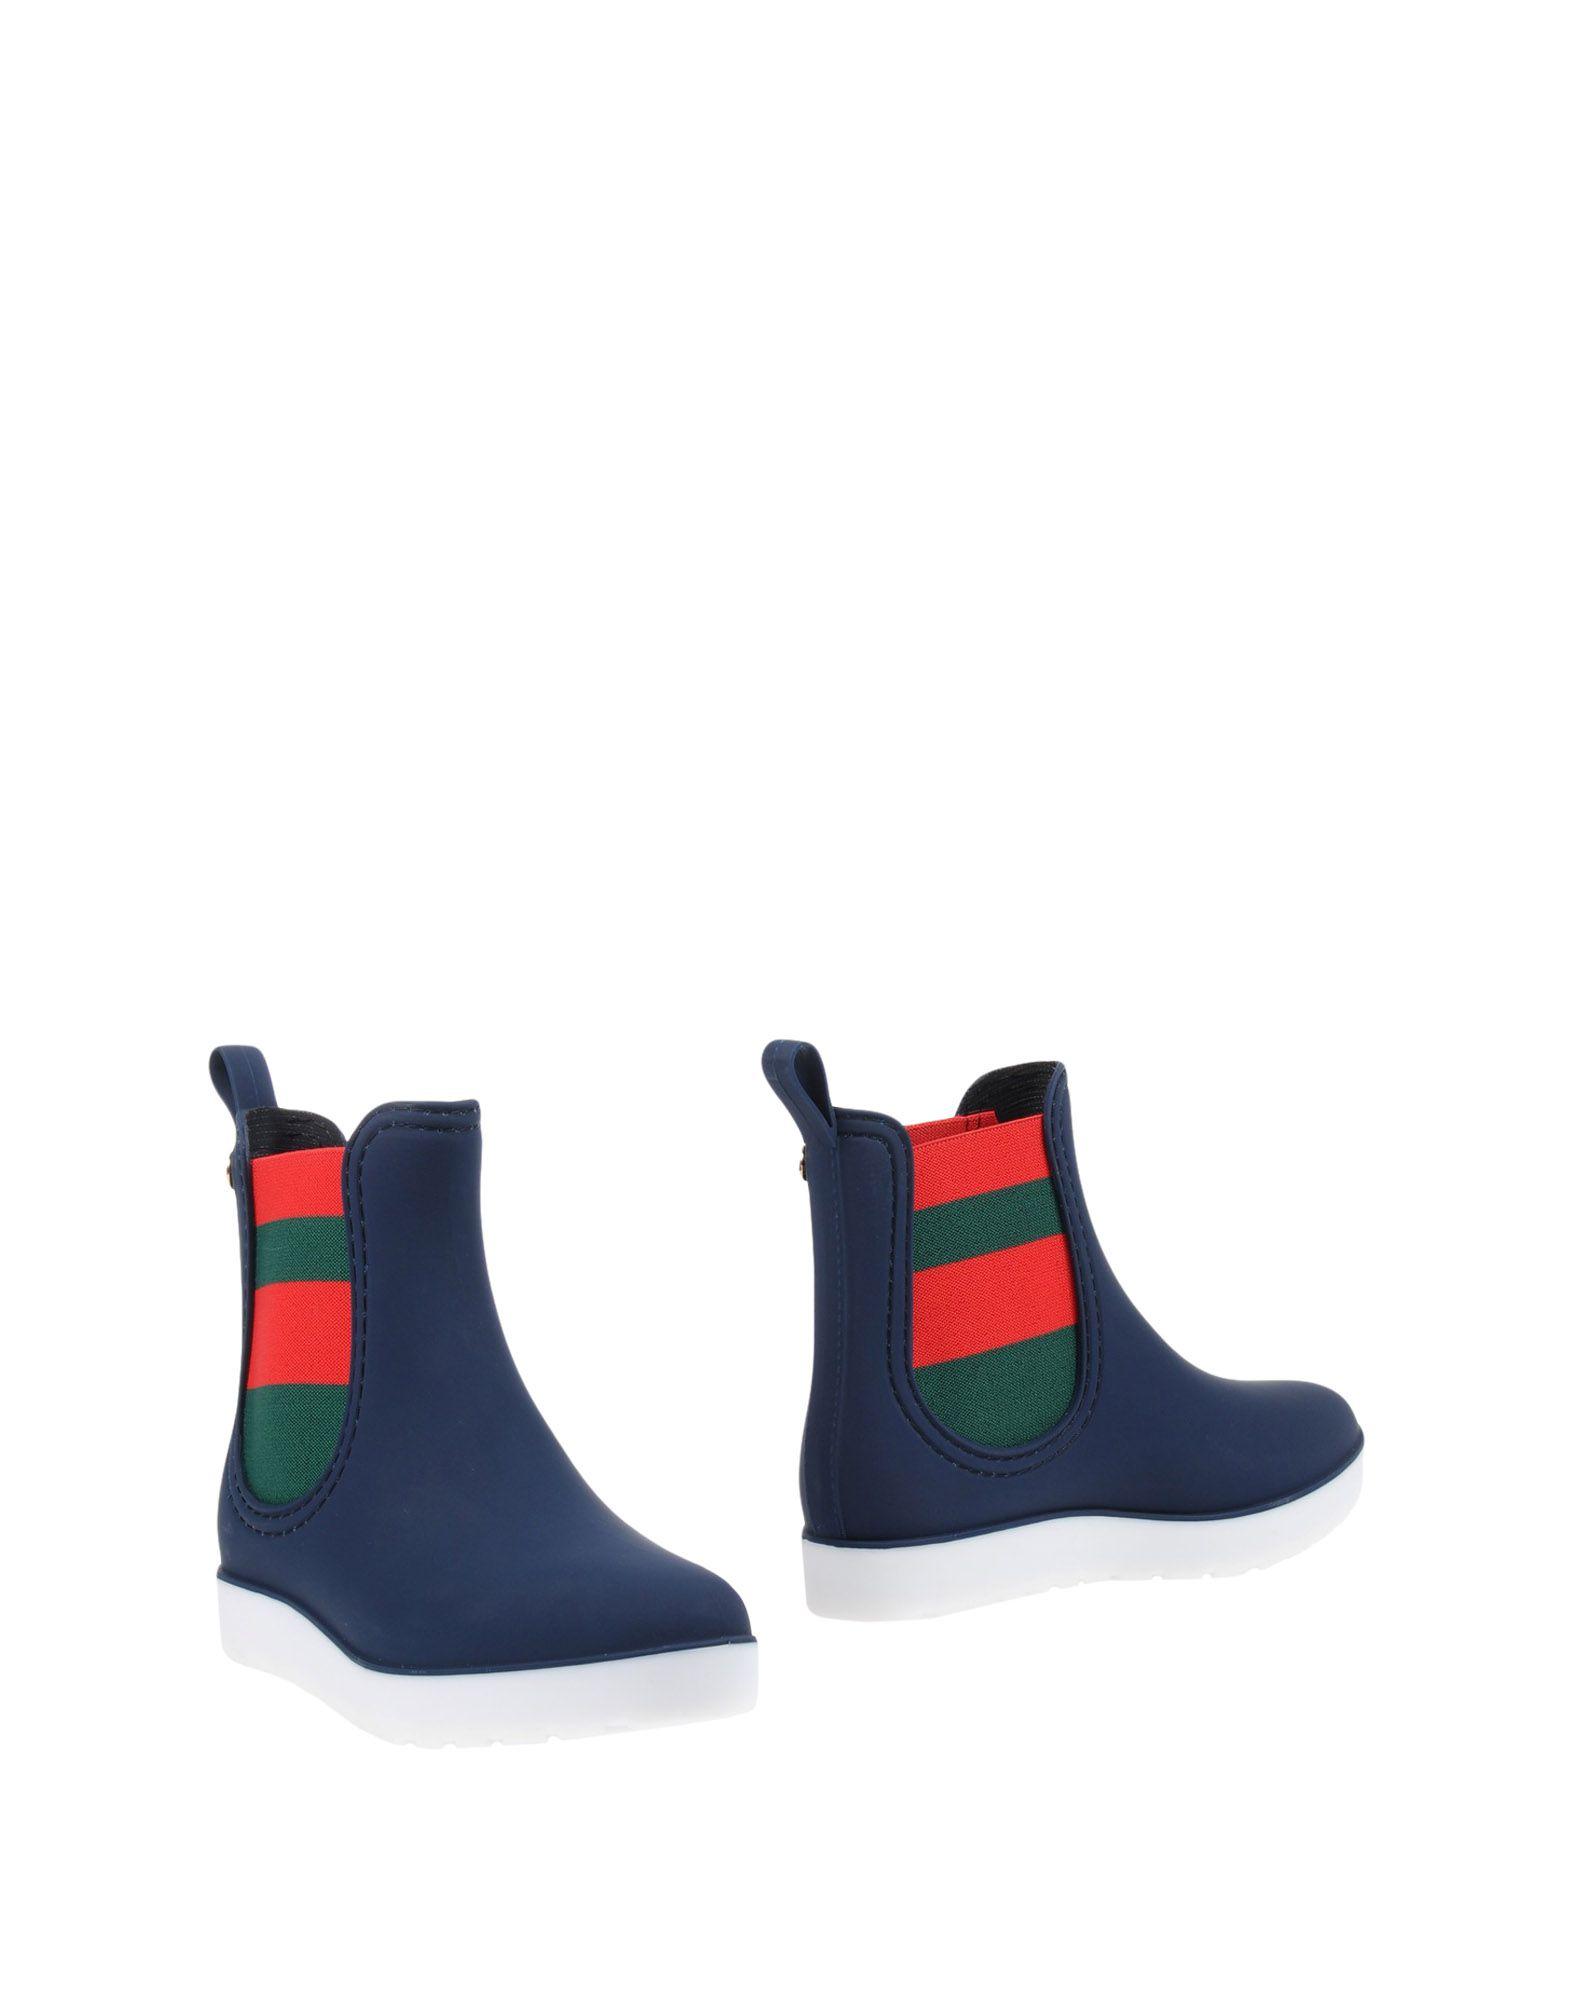 GIOSEPPO Полусапоги и высокие ботинки joyks полусапоги и высокие ботинки